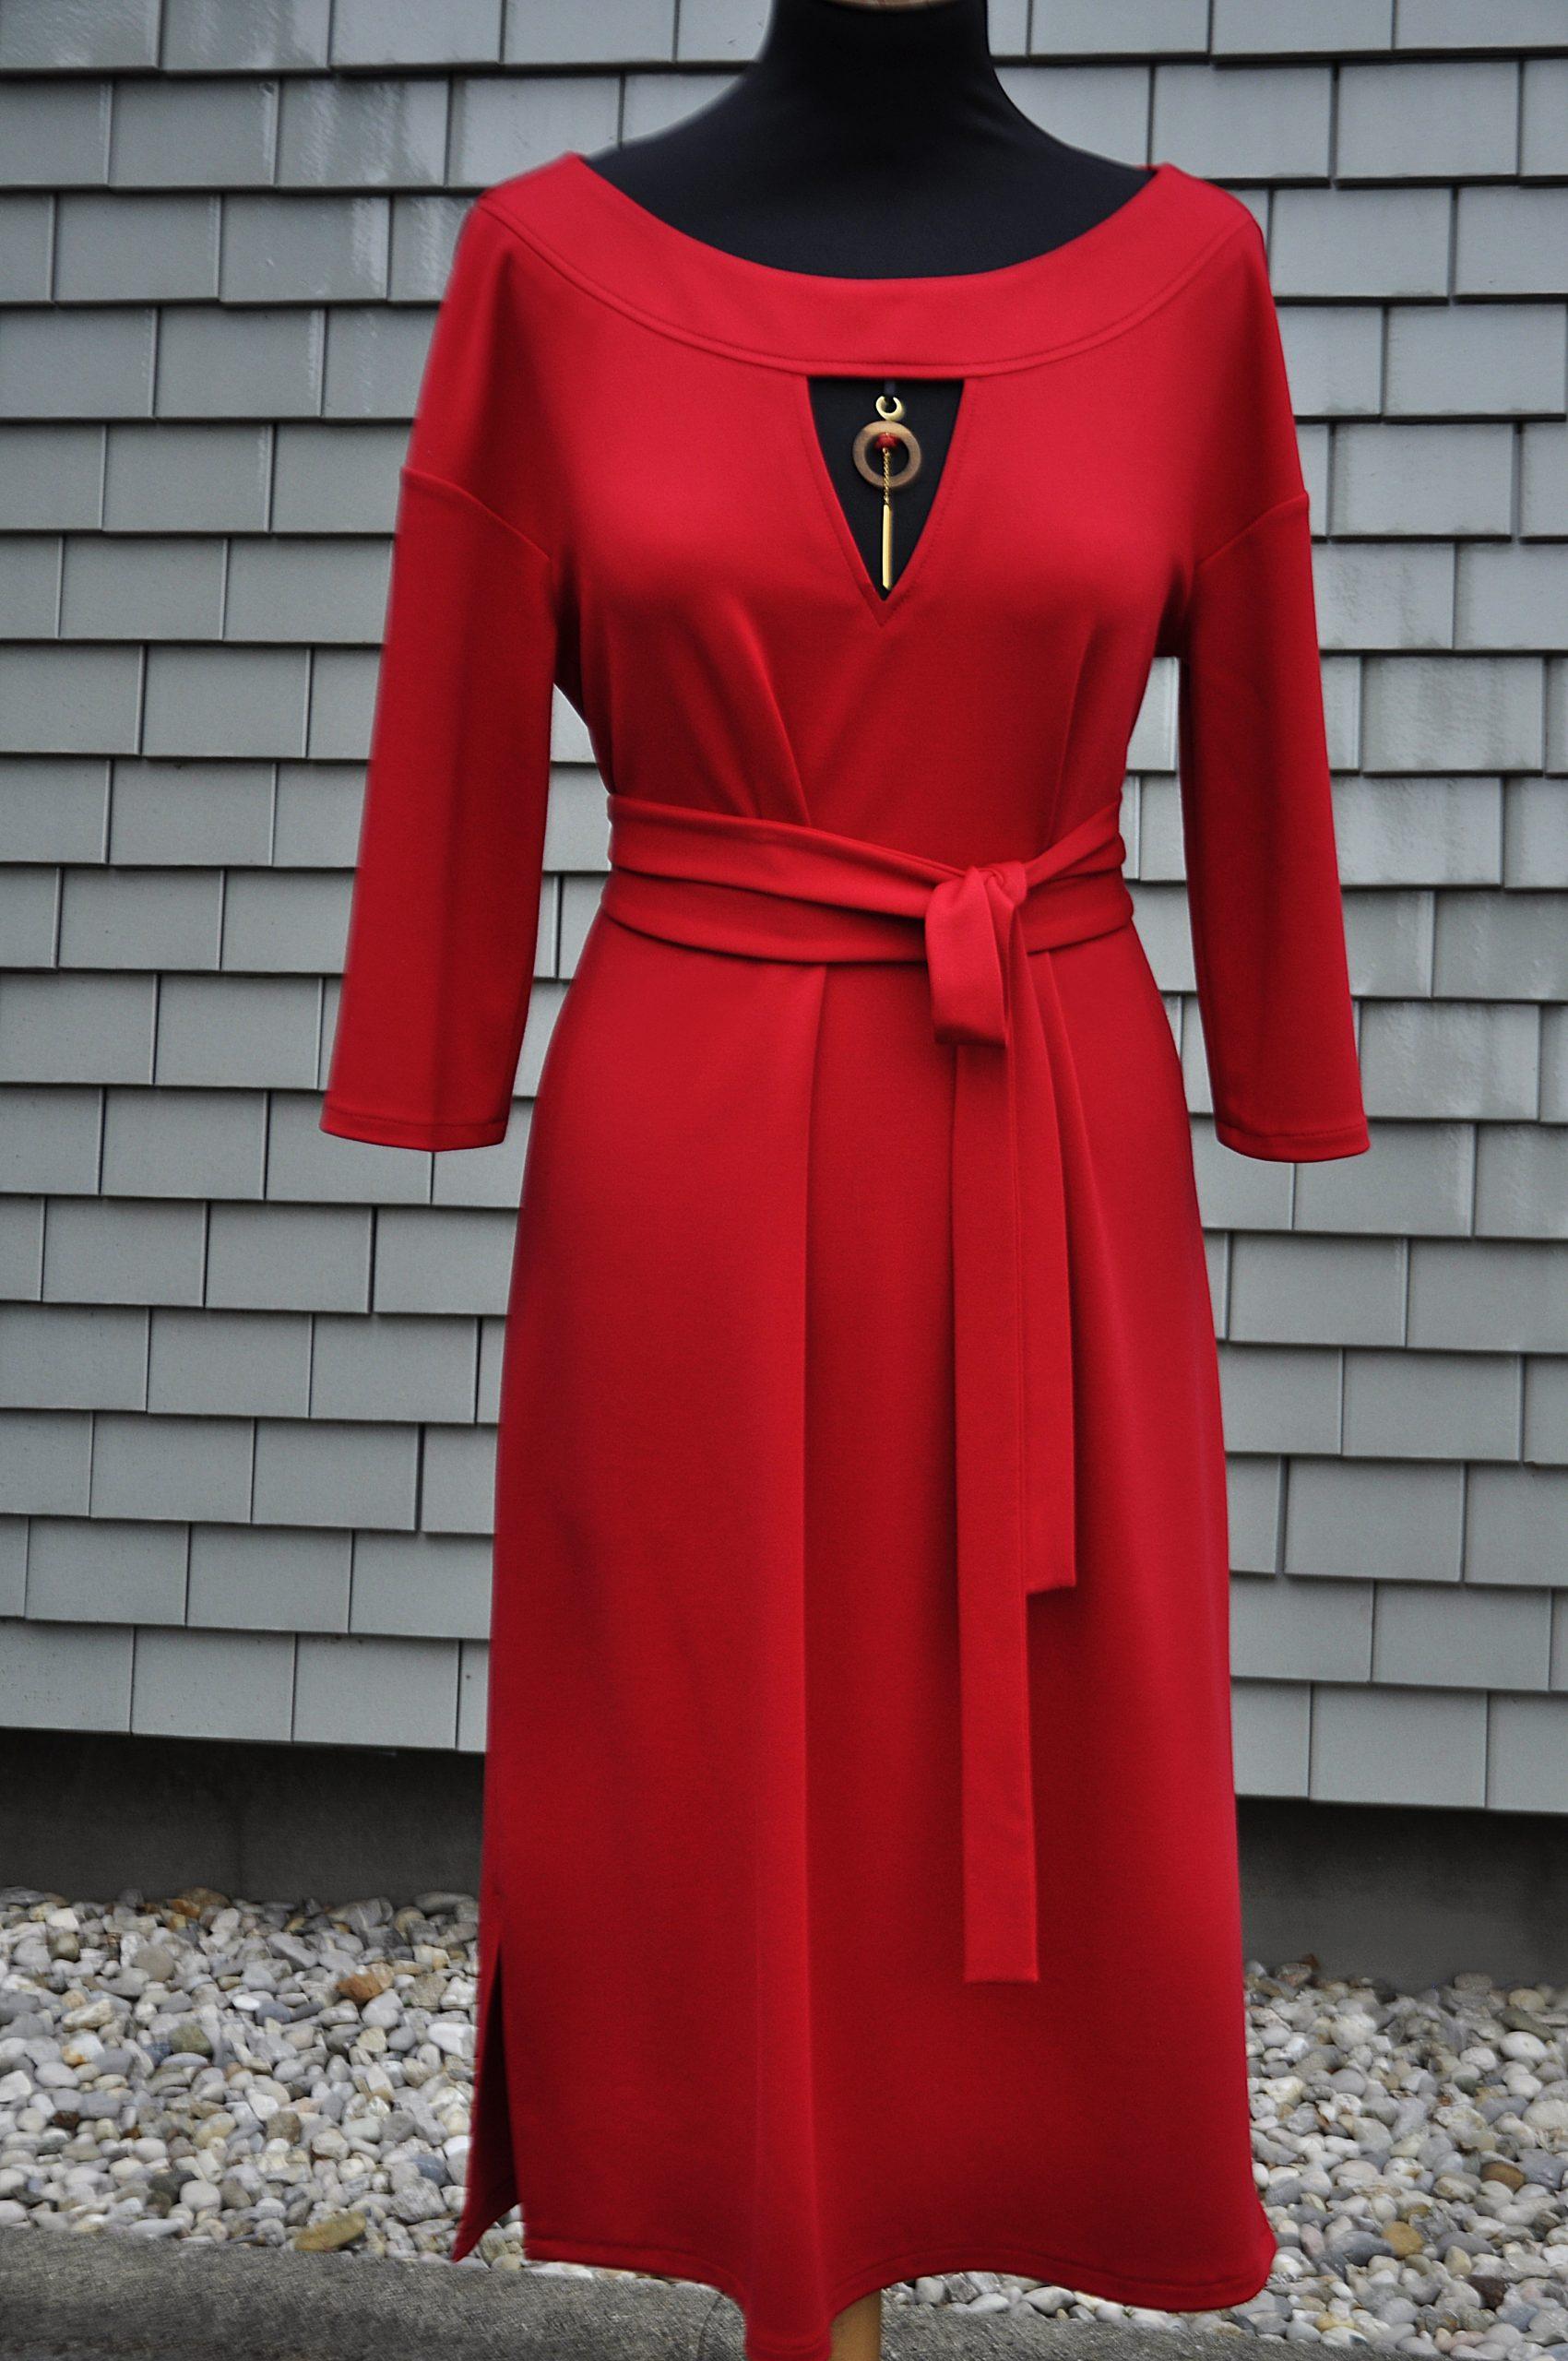 Kleid Rot - 1.JPG 2